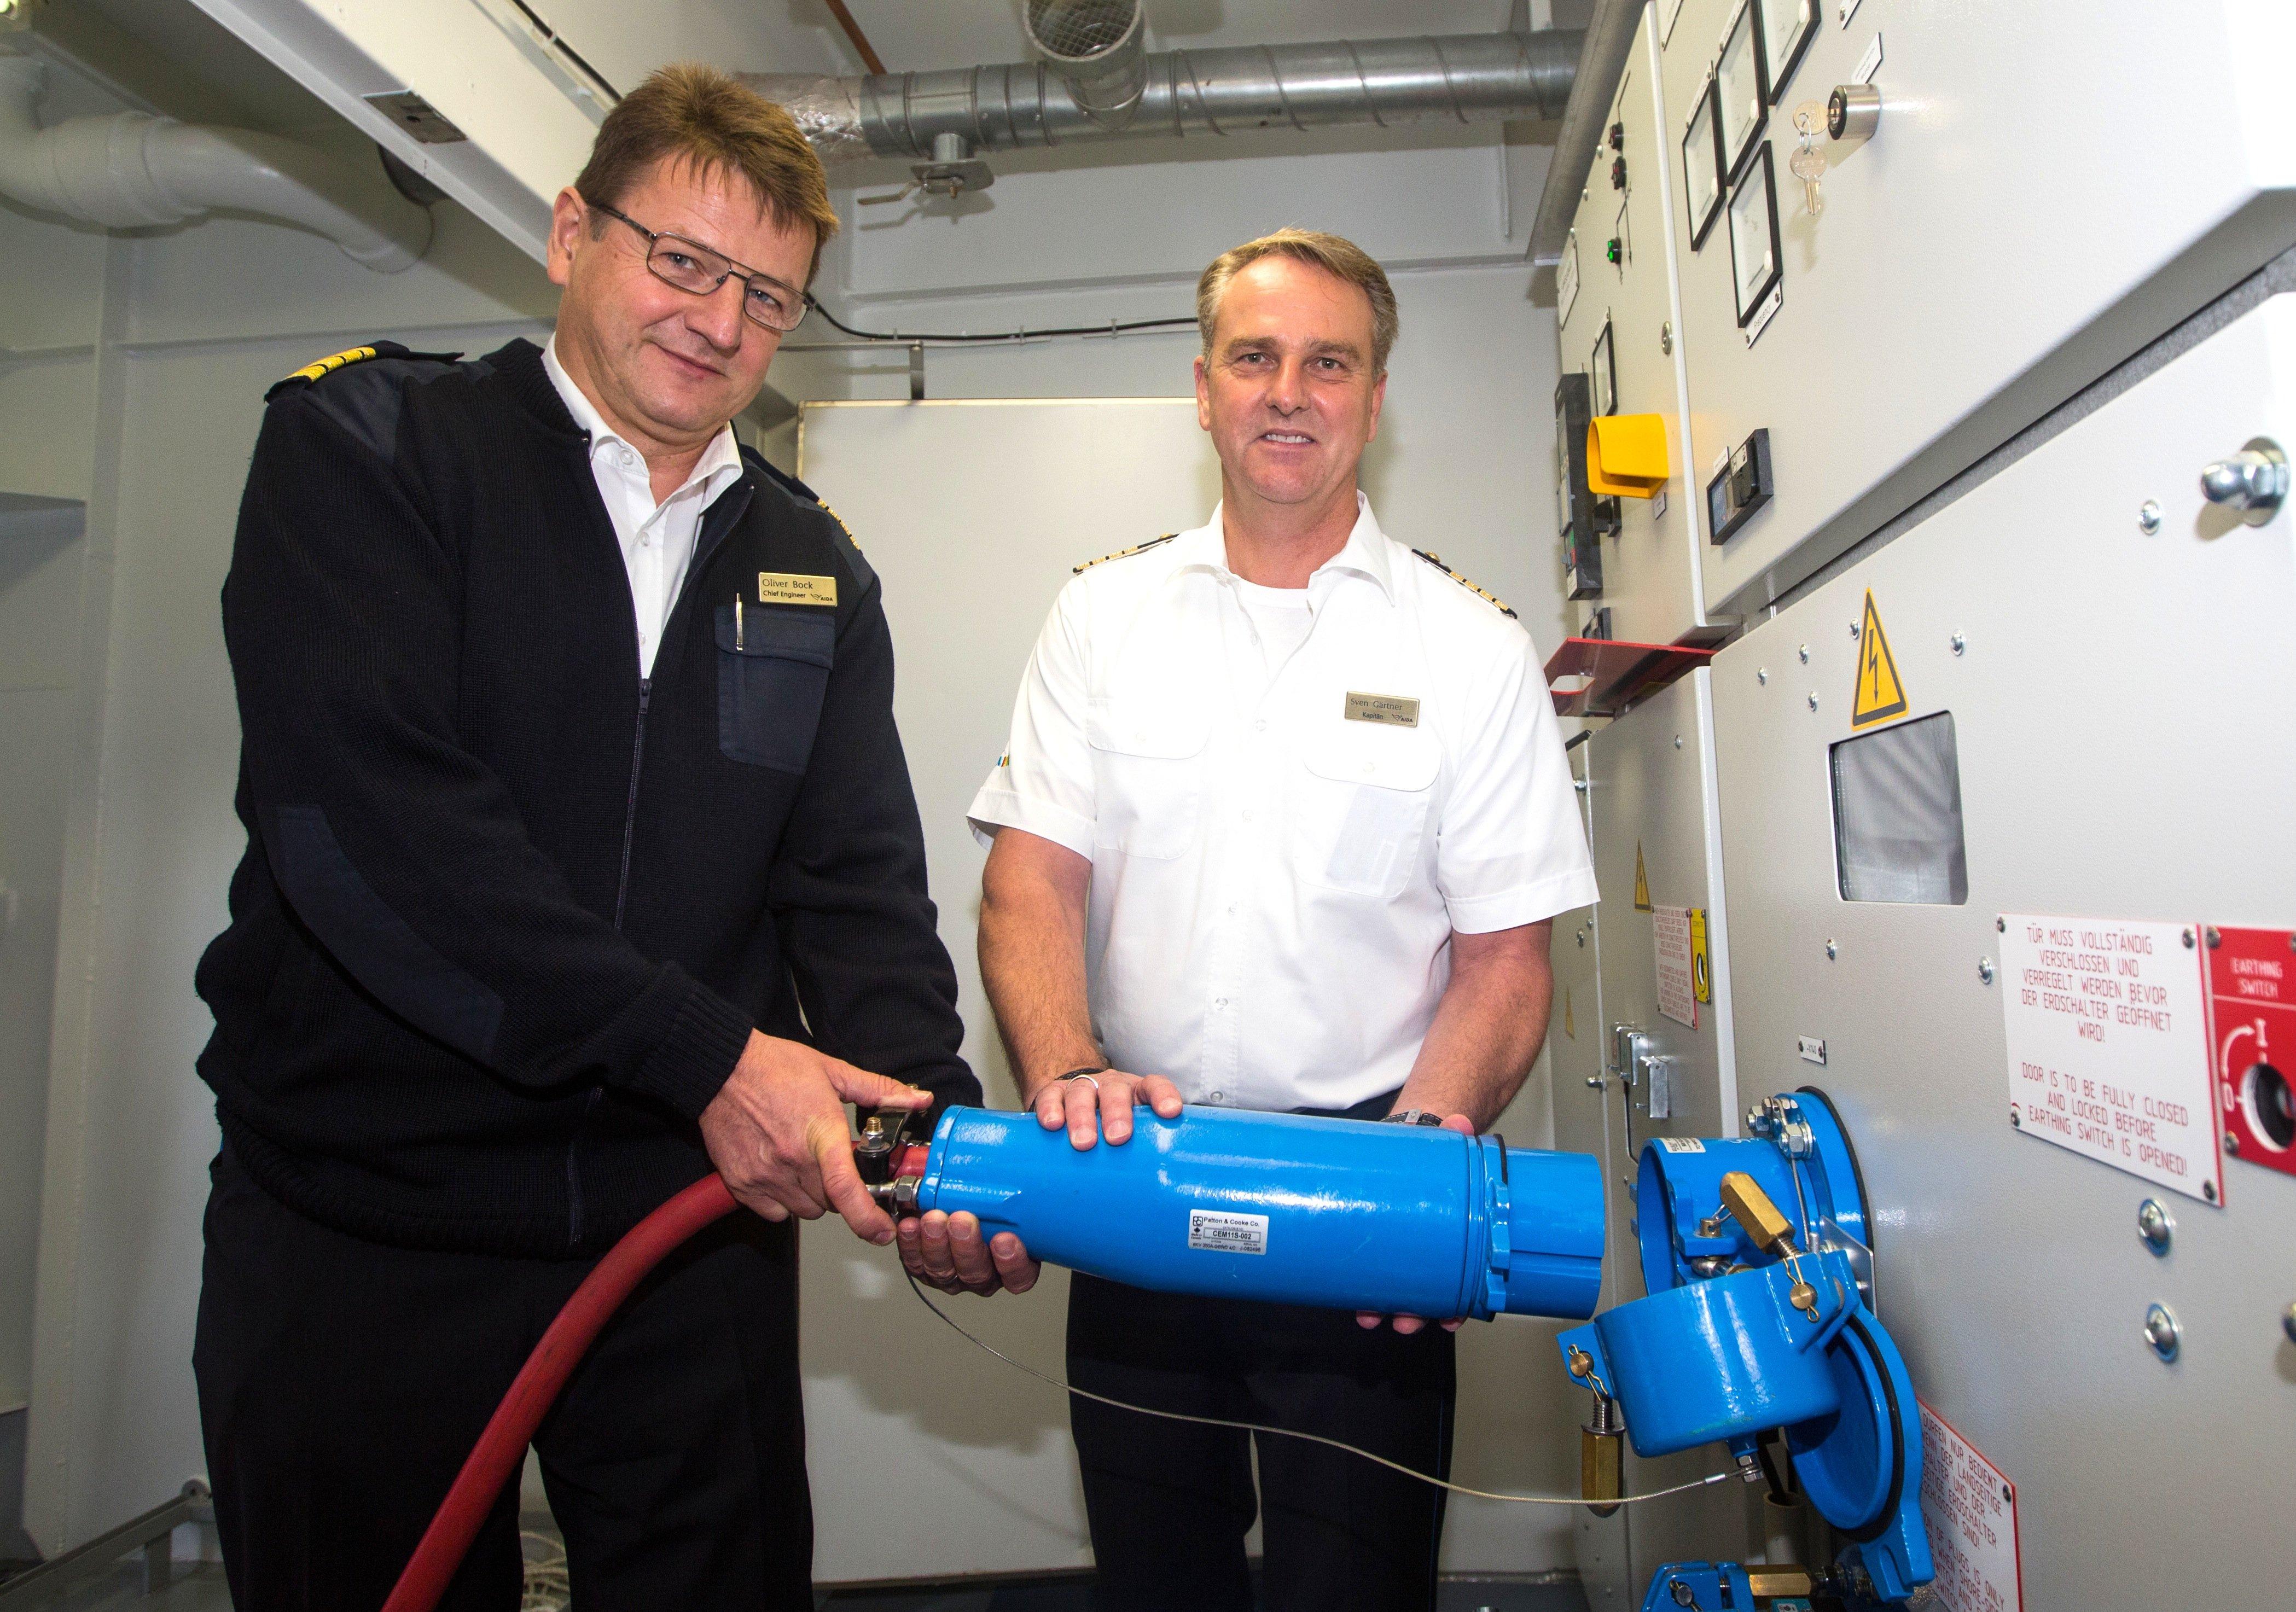 Stromanschluss auf der AIDAsol: Bis zu 7,5 MW Leistung lassen sich auf dem schwimmenden Gaskraftwerk im Hamburger Hafen erzeugen und an Kreuzfahrtschiffe während der Liegezeit im Hafen übertragen.